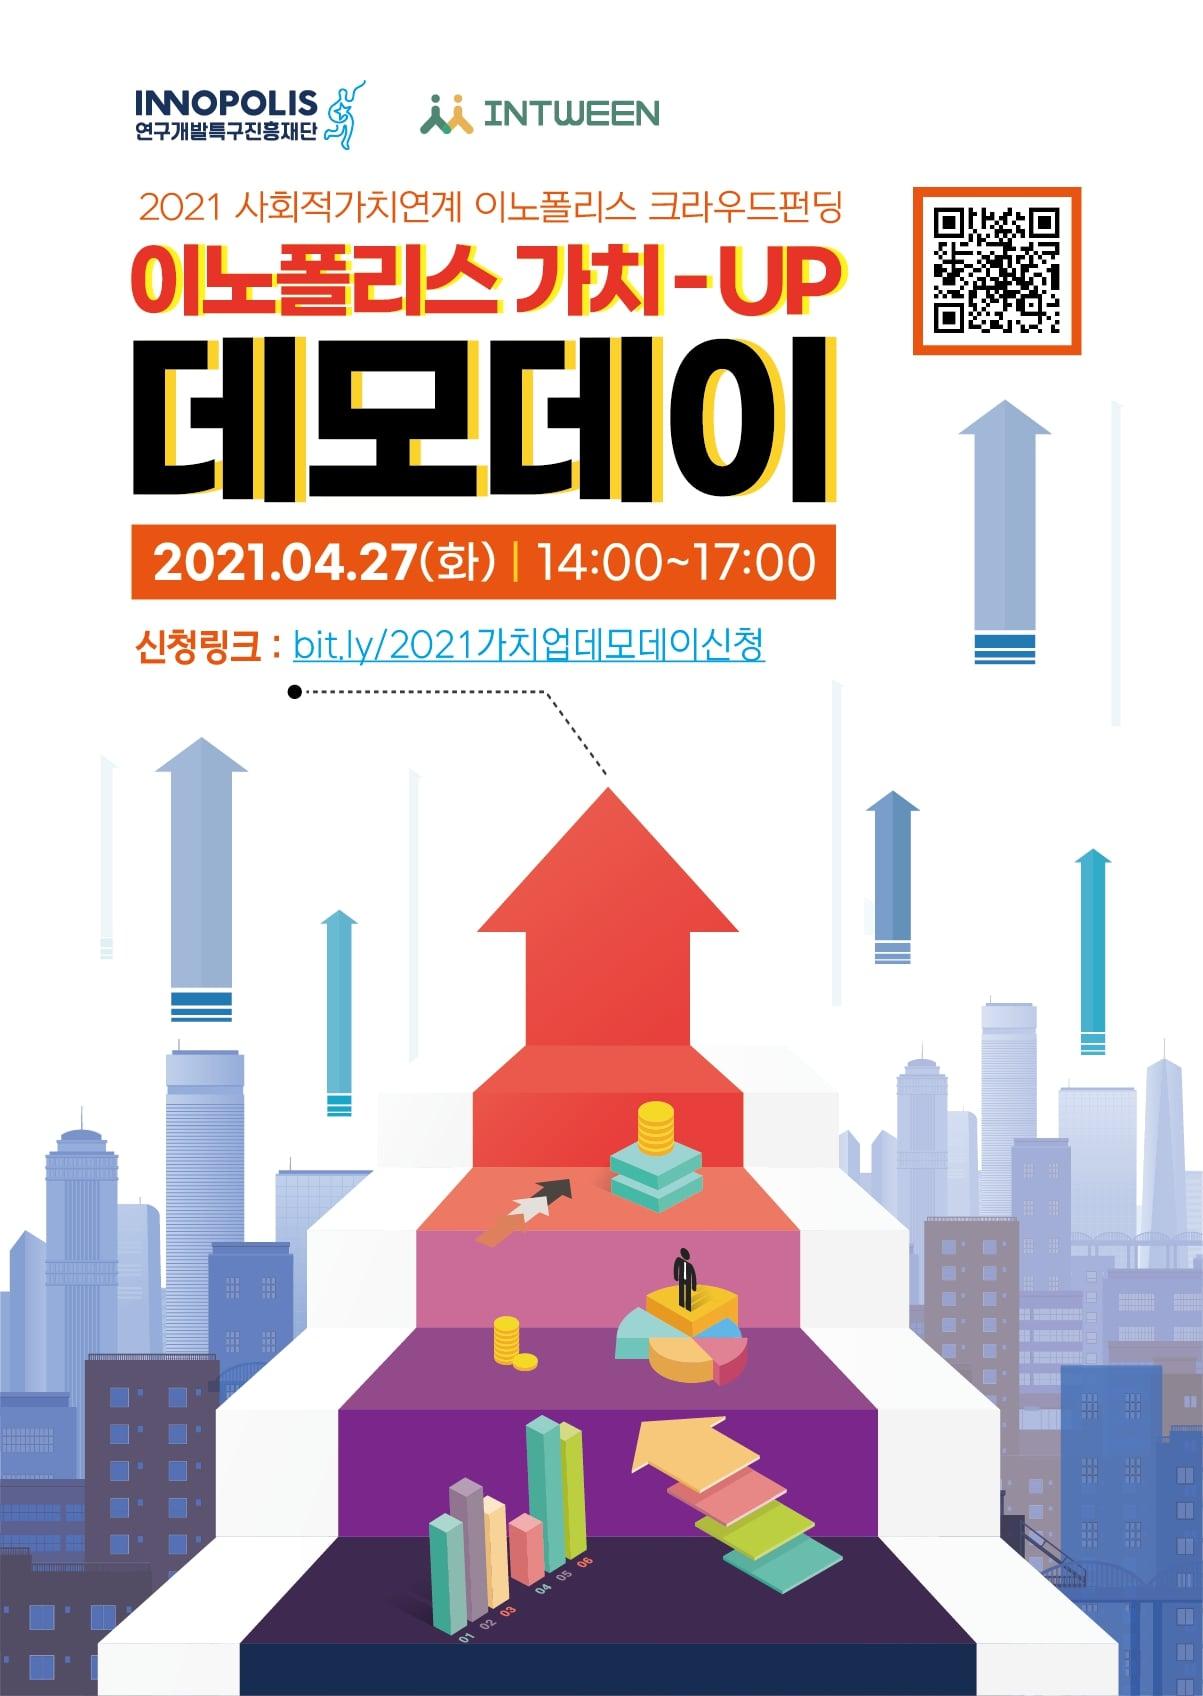 <2021 이노폴리스 가치-UP 데모데이> 참여자 모집 (04.27 14시, 온라인)